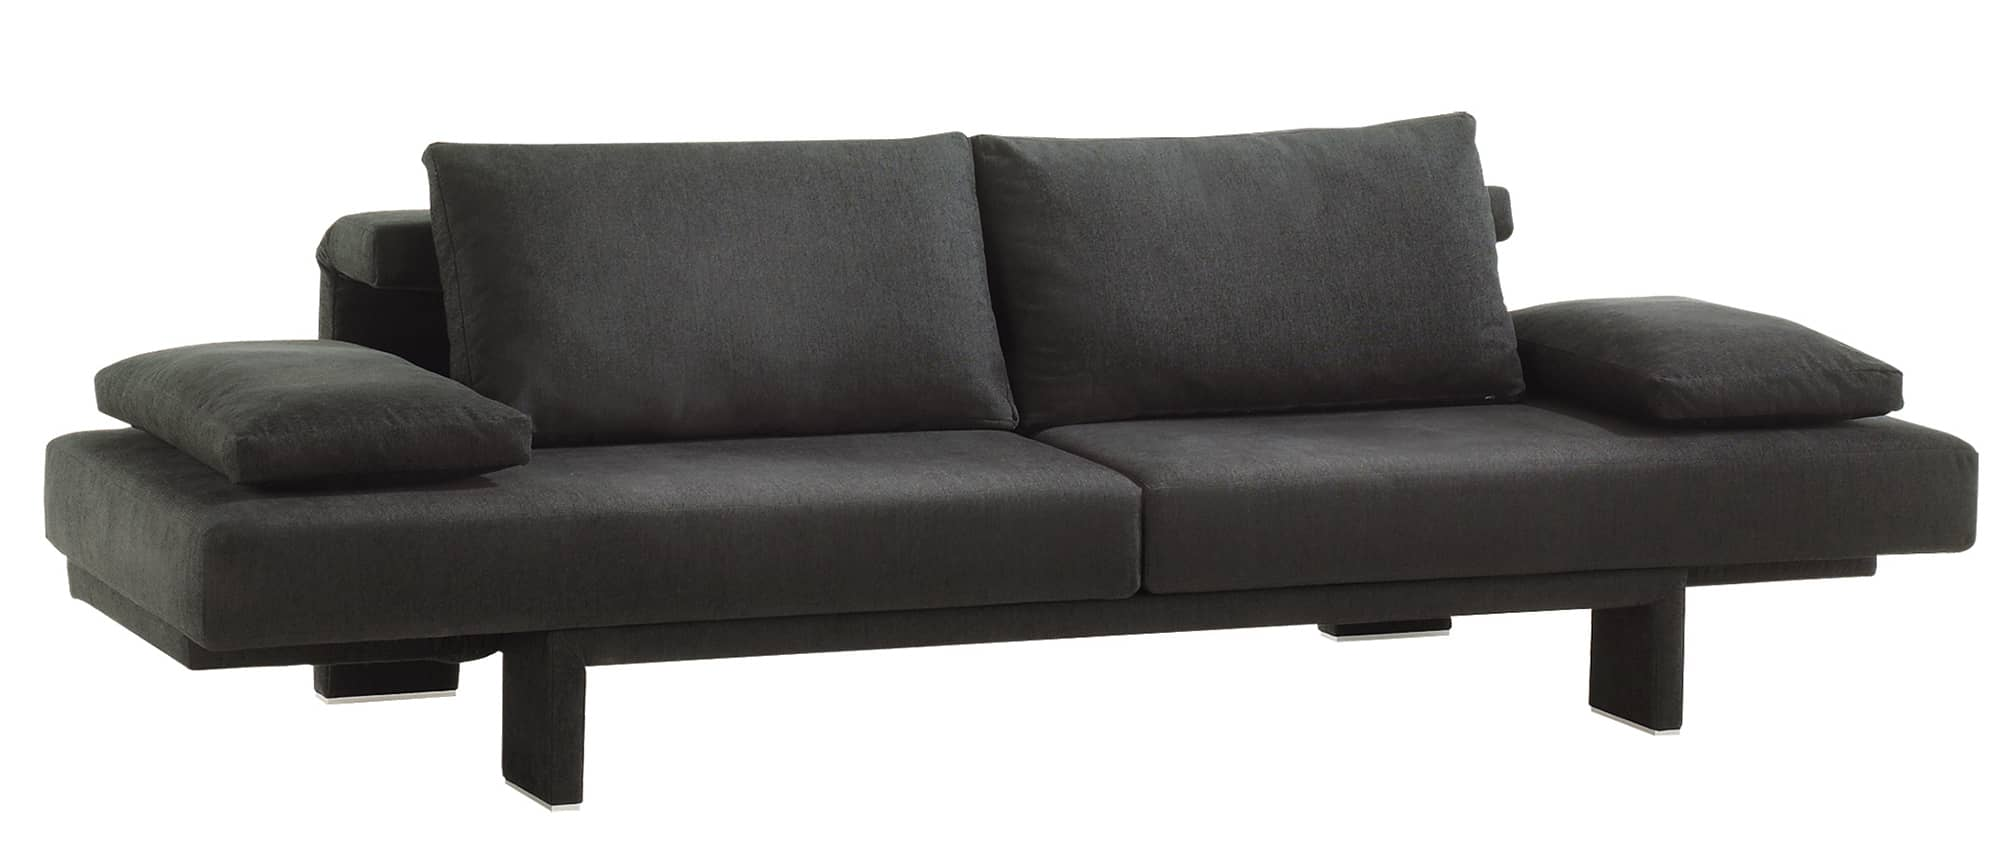 SCENE Schlafsofa von Franz Fertig in schwarz. Multifunktionales Sofa. Sofa mit Schlaffunktion. Sofabett und Bettsofa